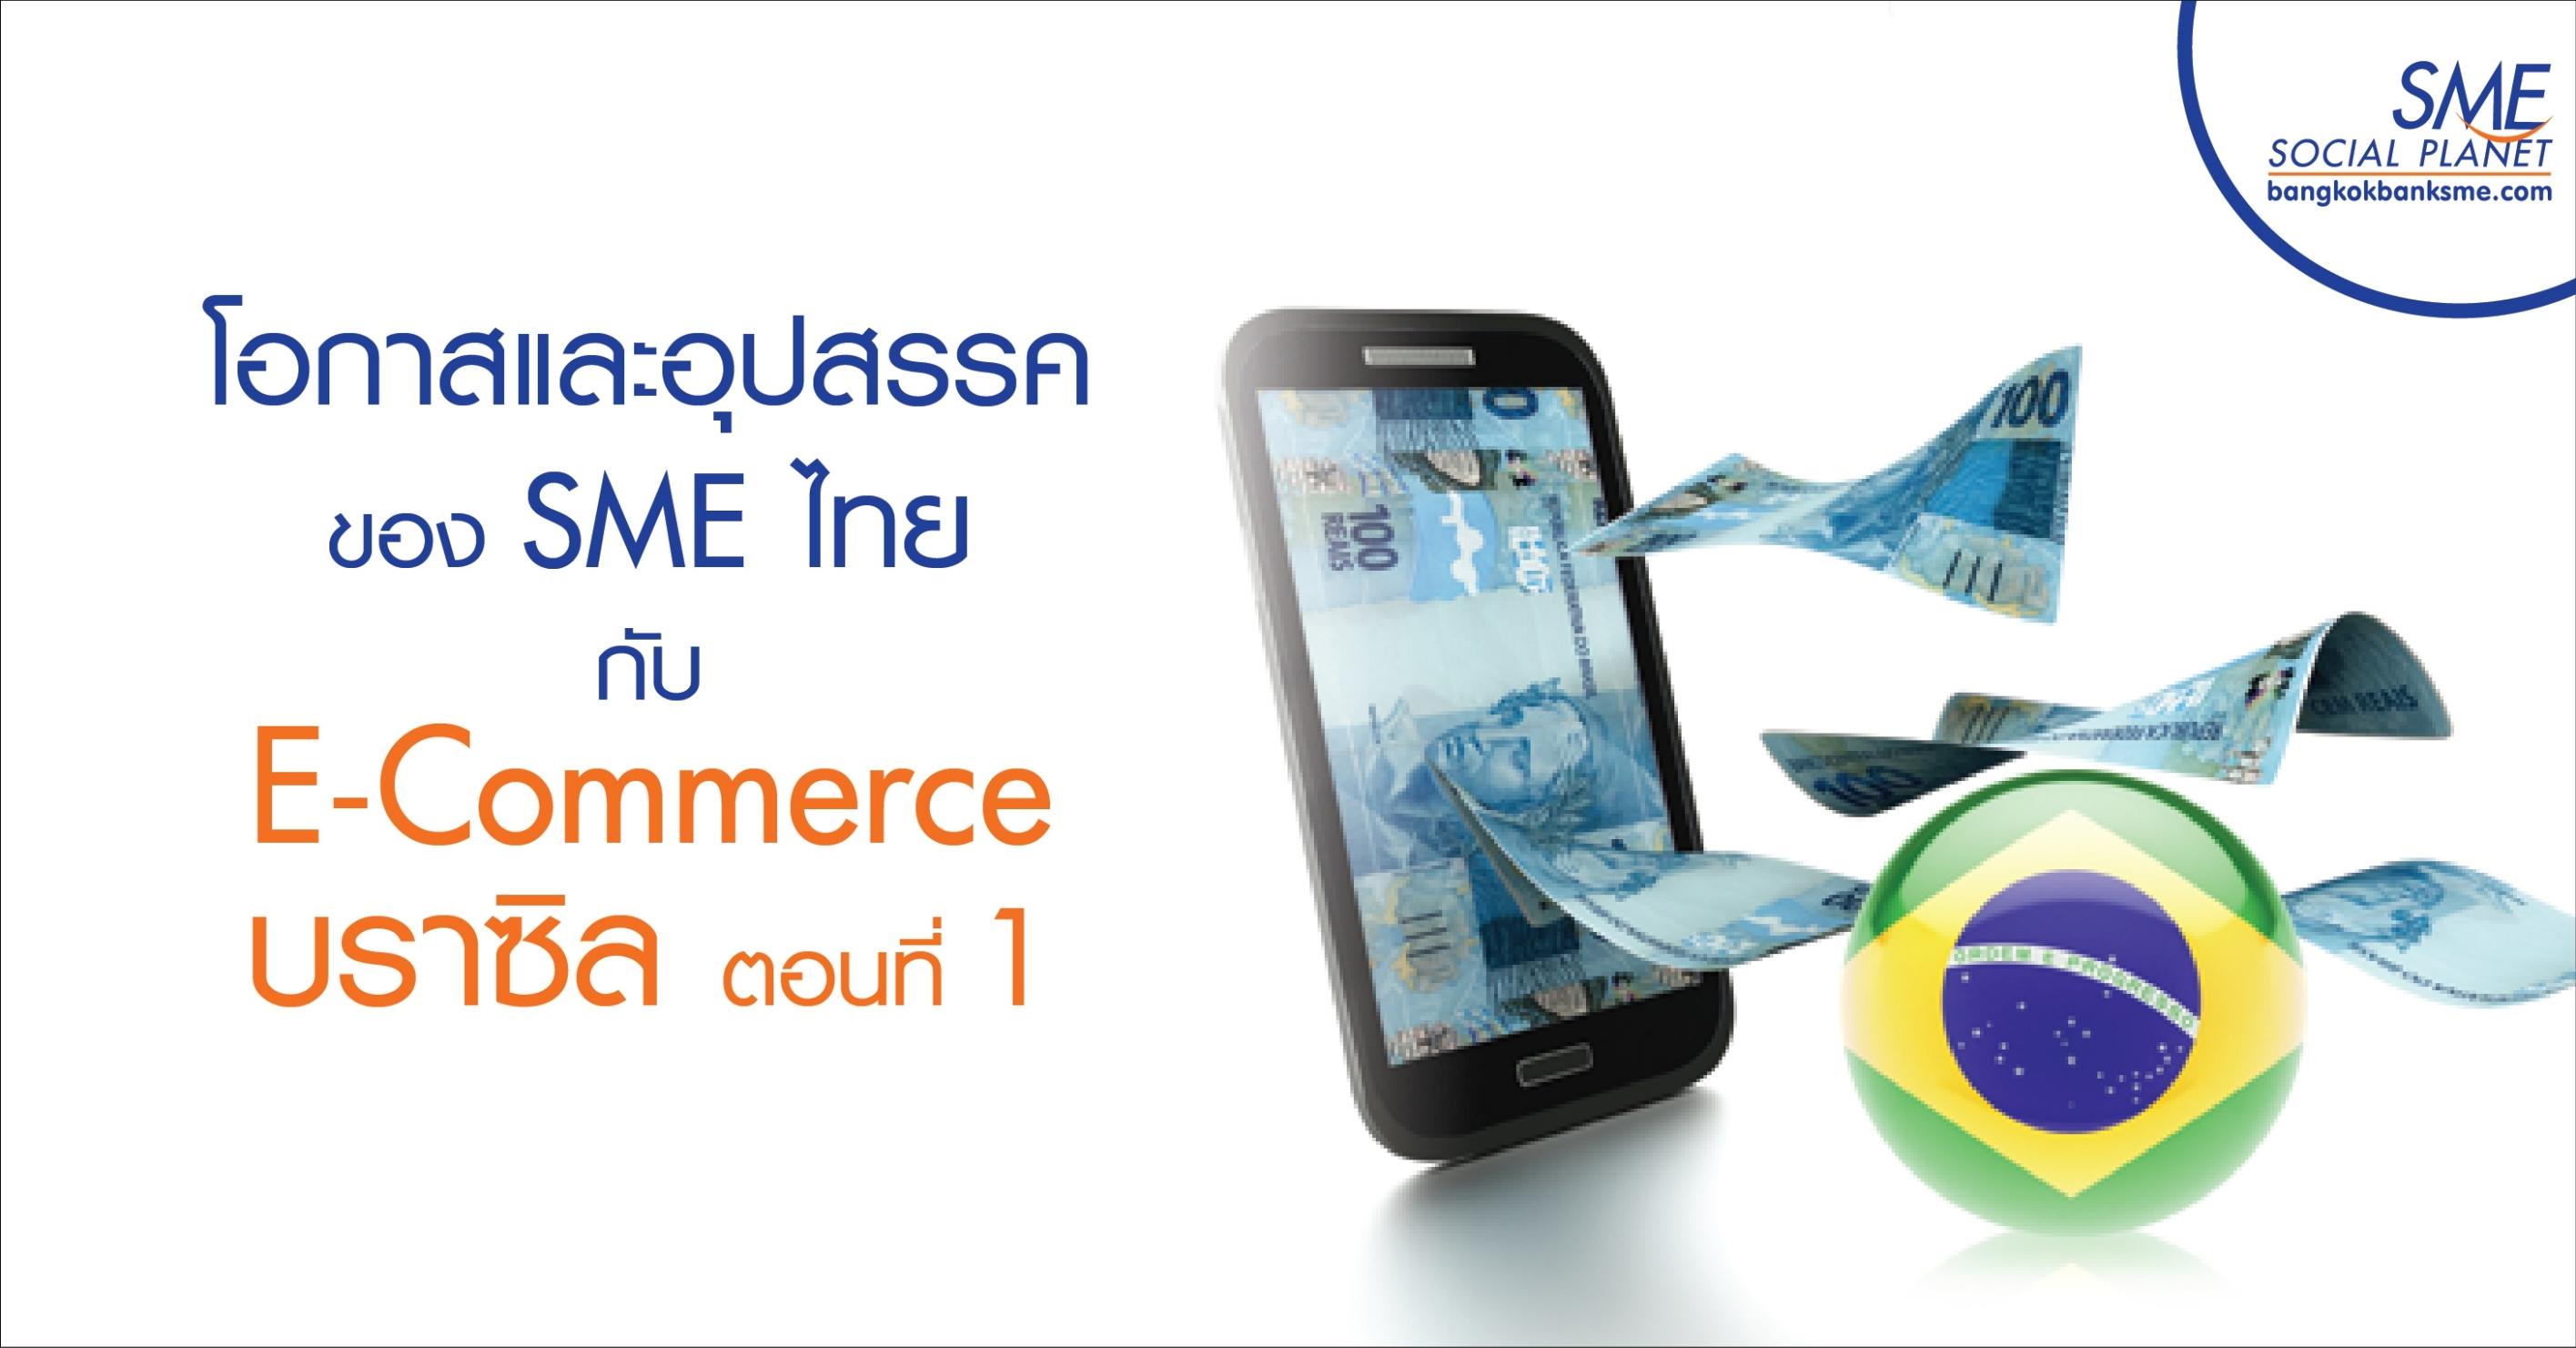 โอกาสและอุปสรรคของ SME ไทยกับ E-Commerce บราซิล ตอนที่ 1